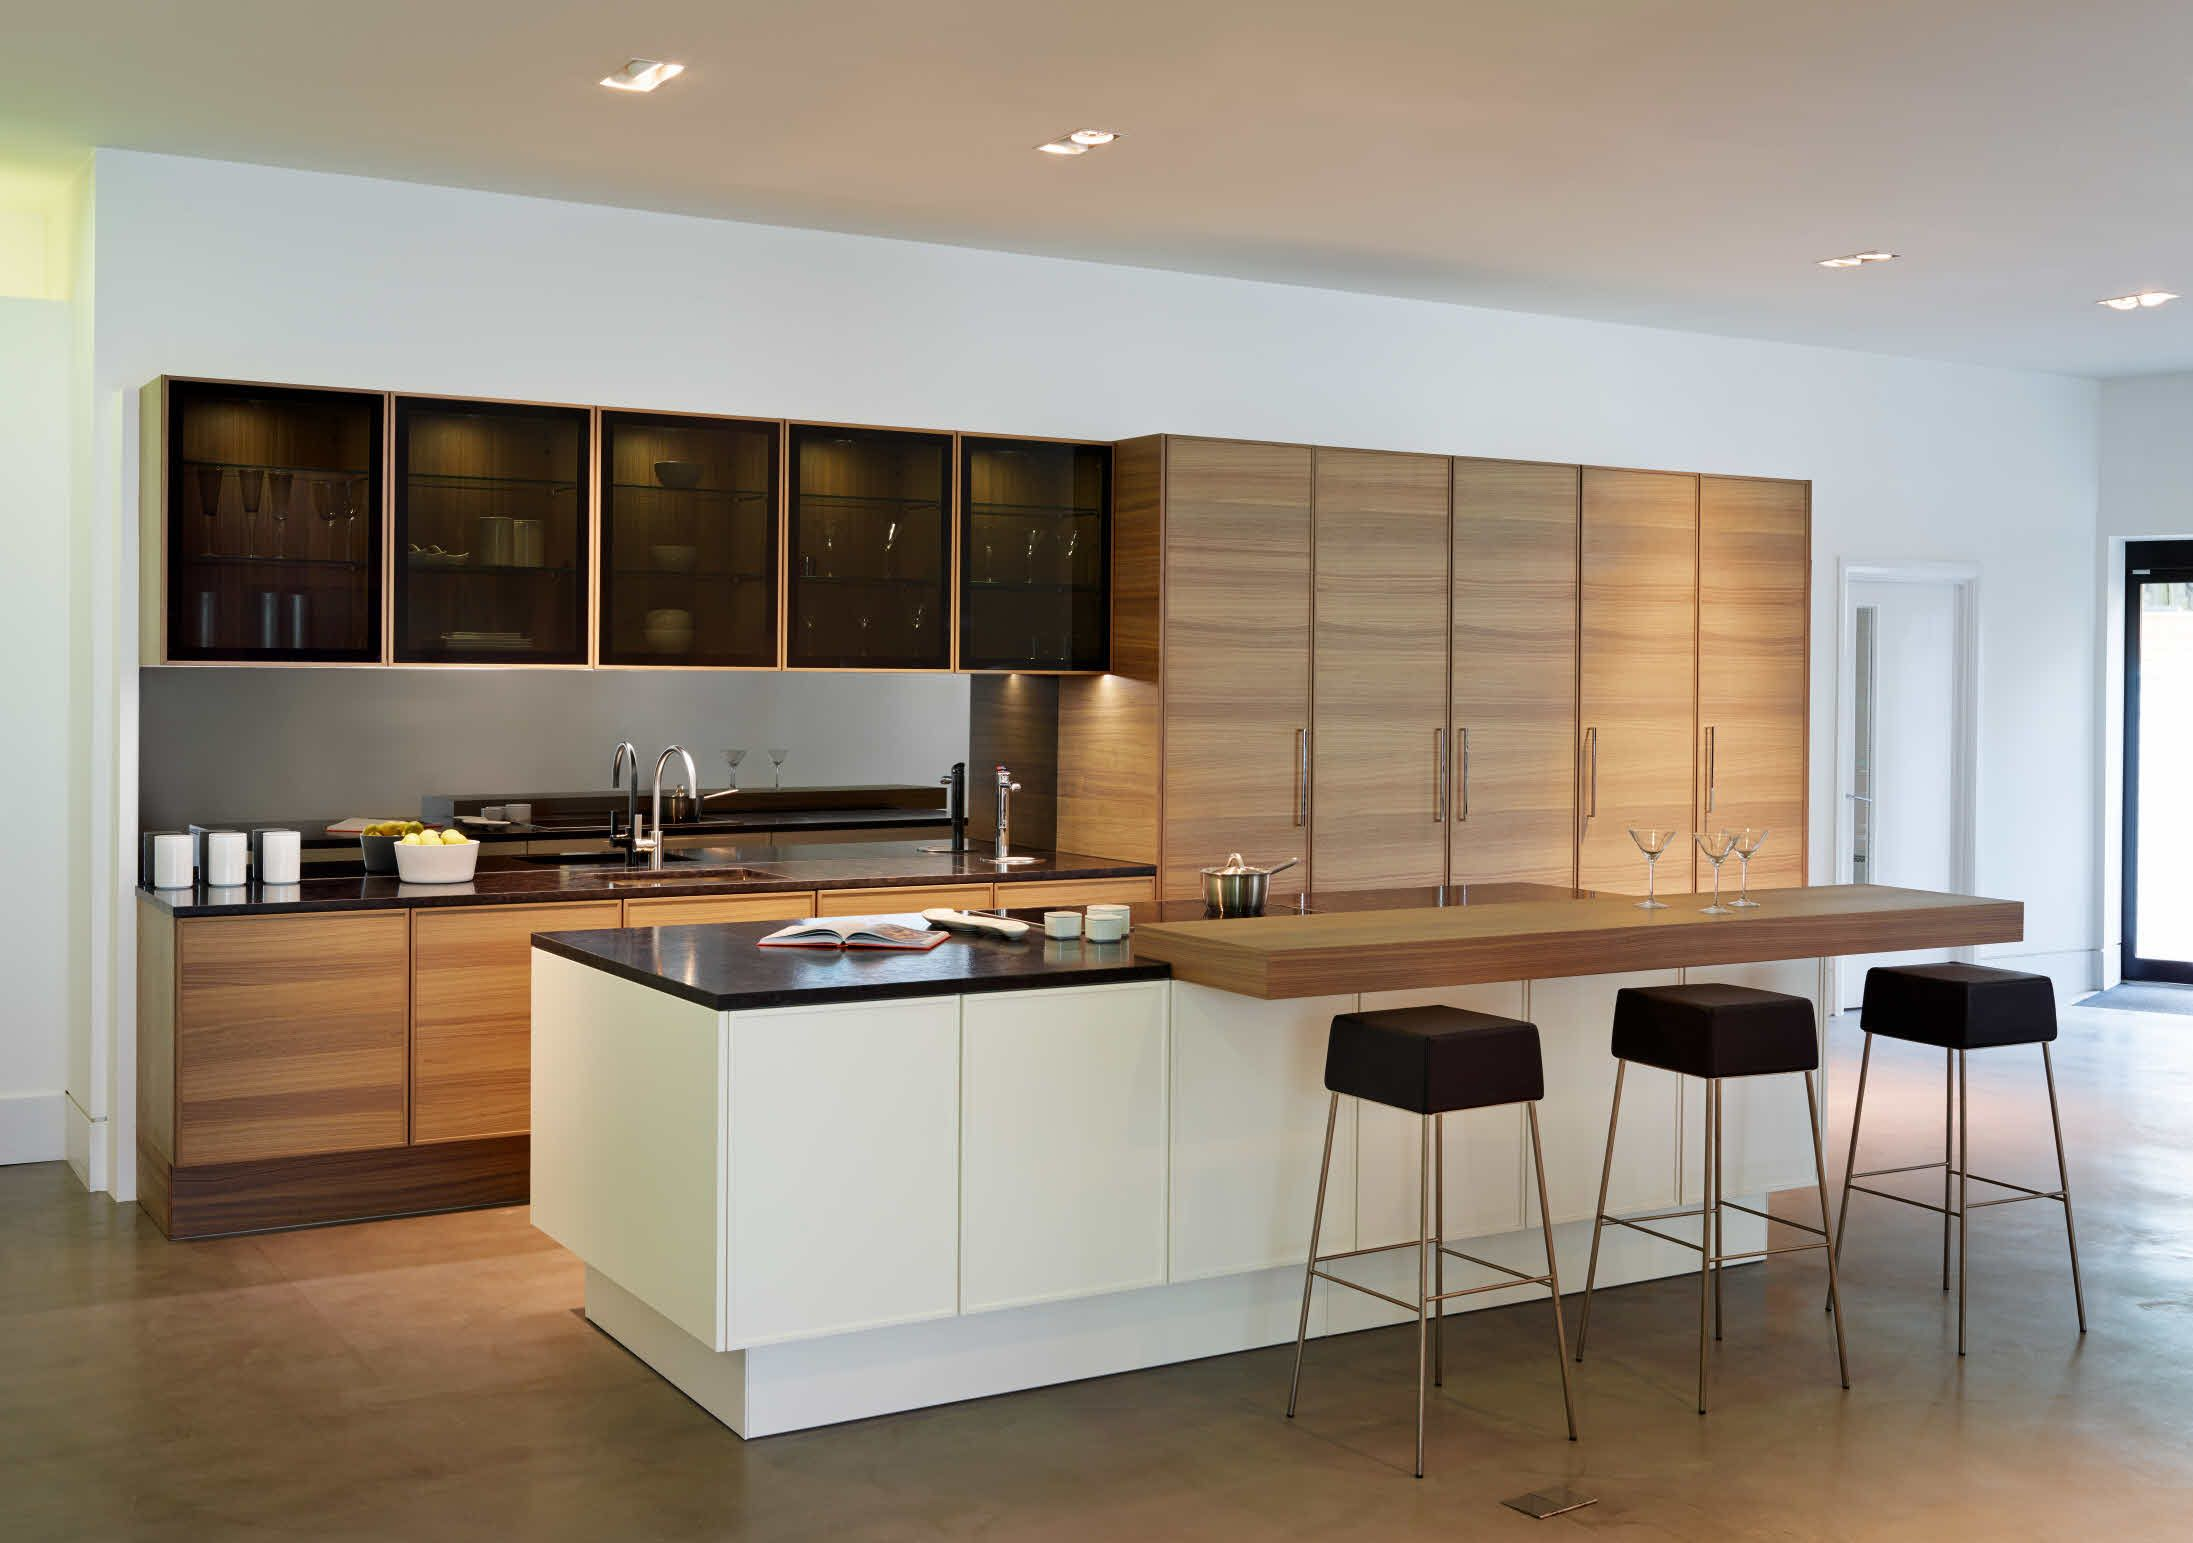 Poggenpohl Kitchen Studio St. Albans | // KITCHEN // | Pinterest ...